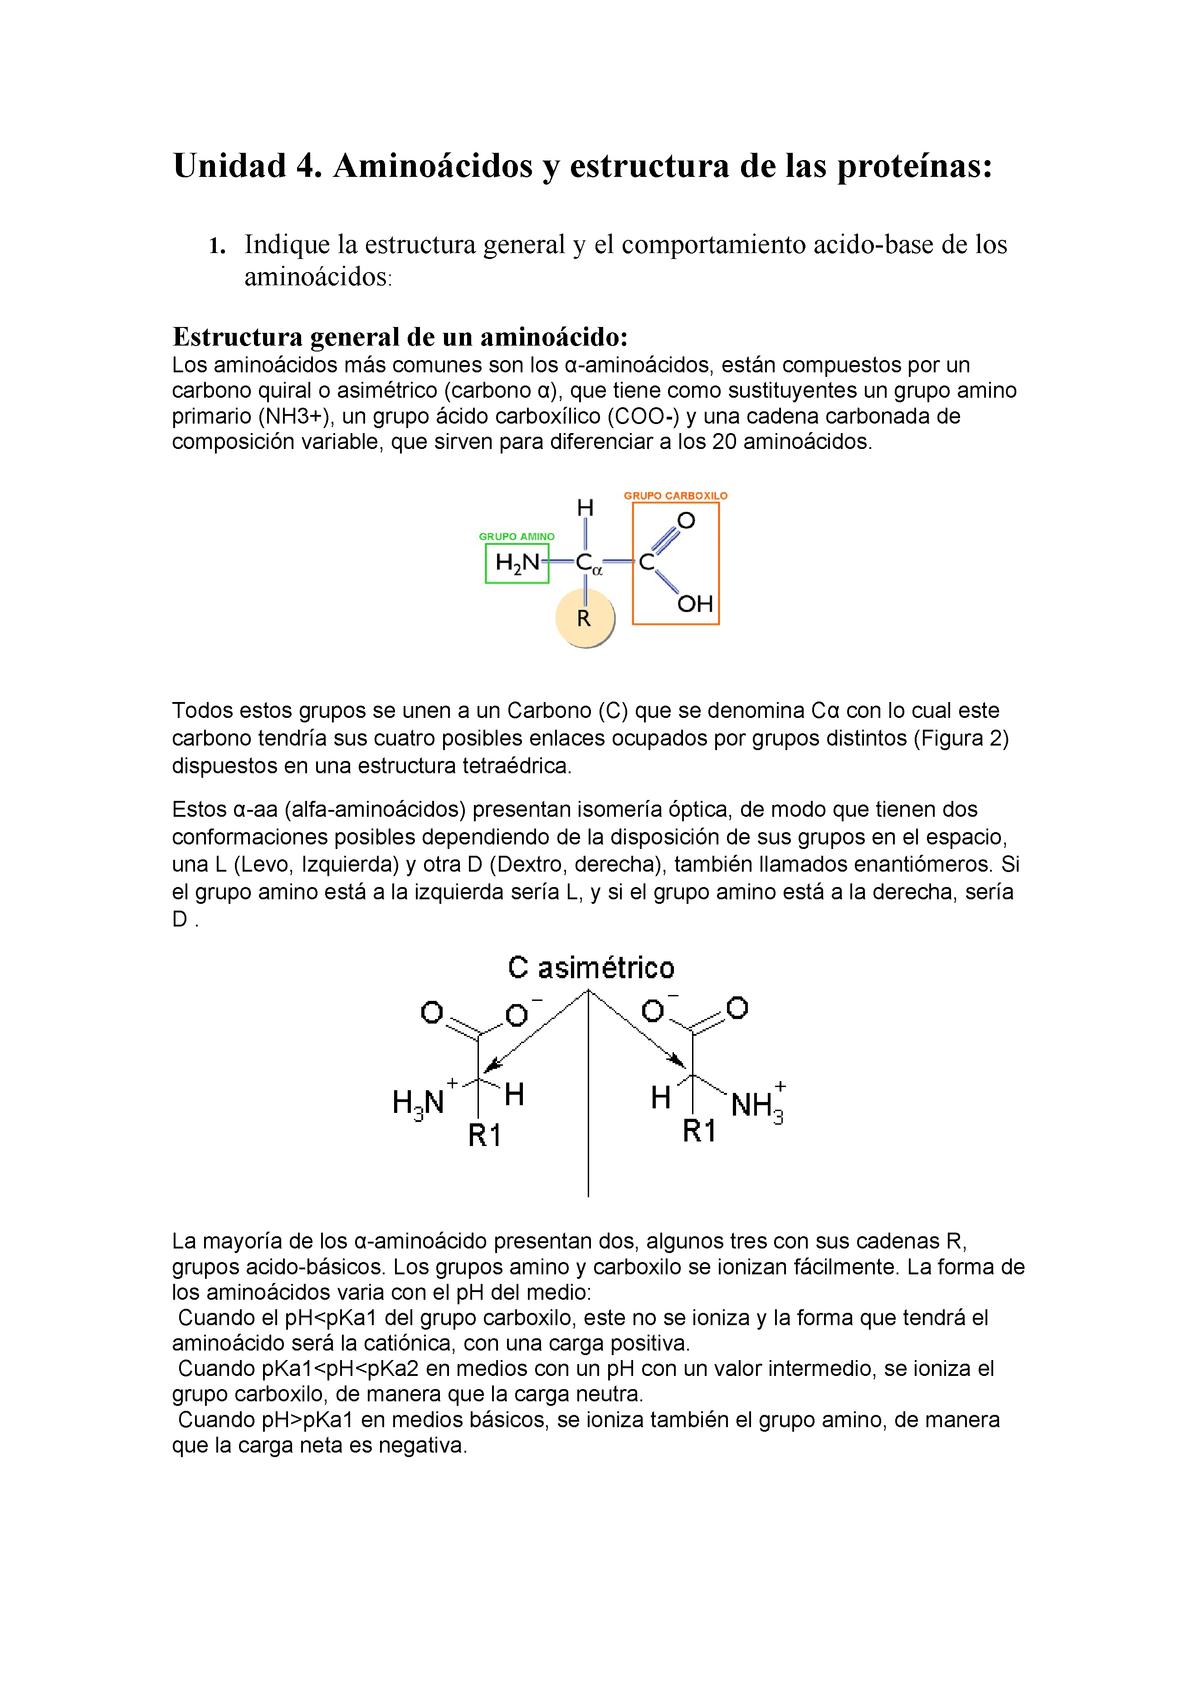 Cuestiones Tema 4 Bioquímica 100407 Uco Studocu